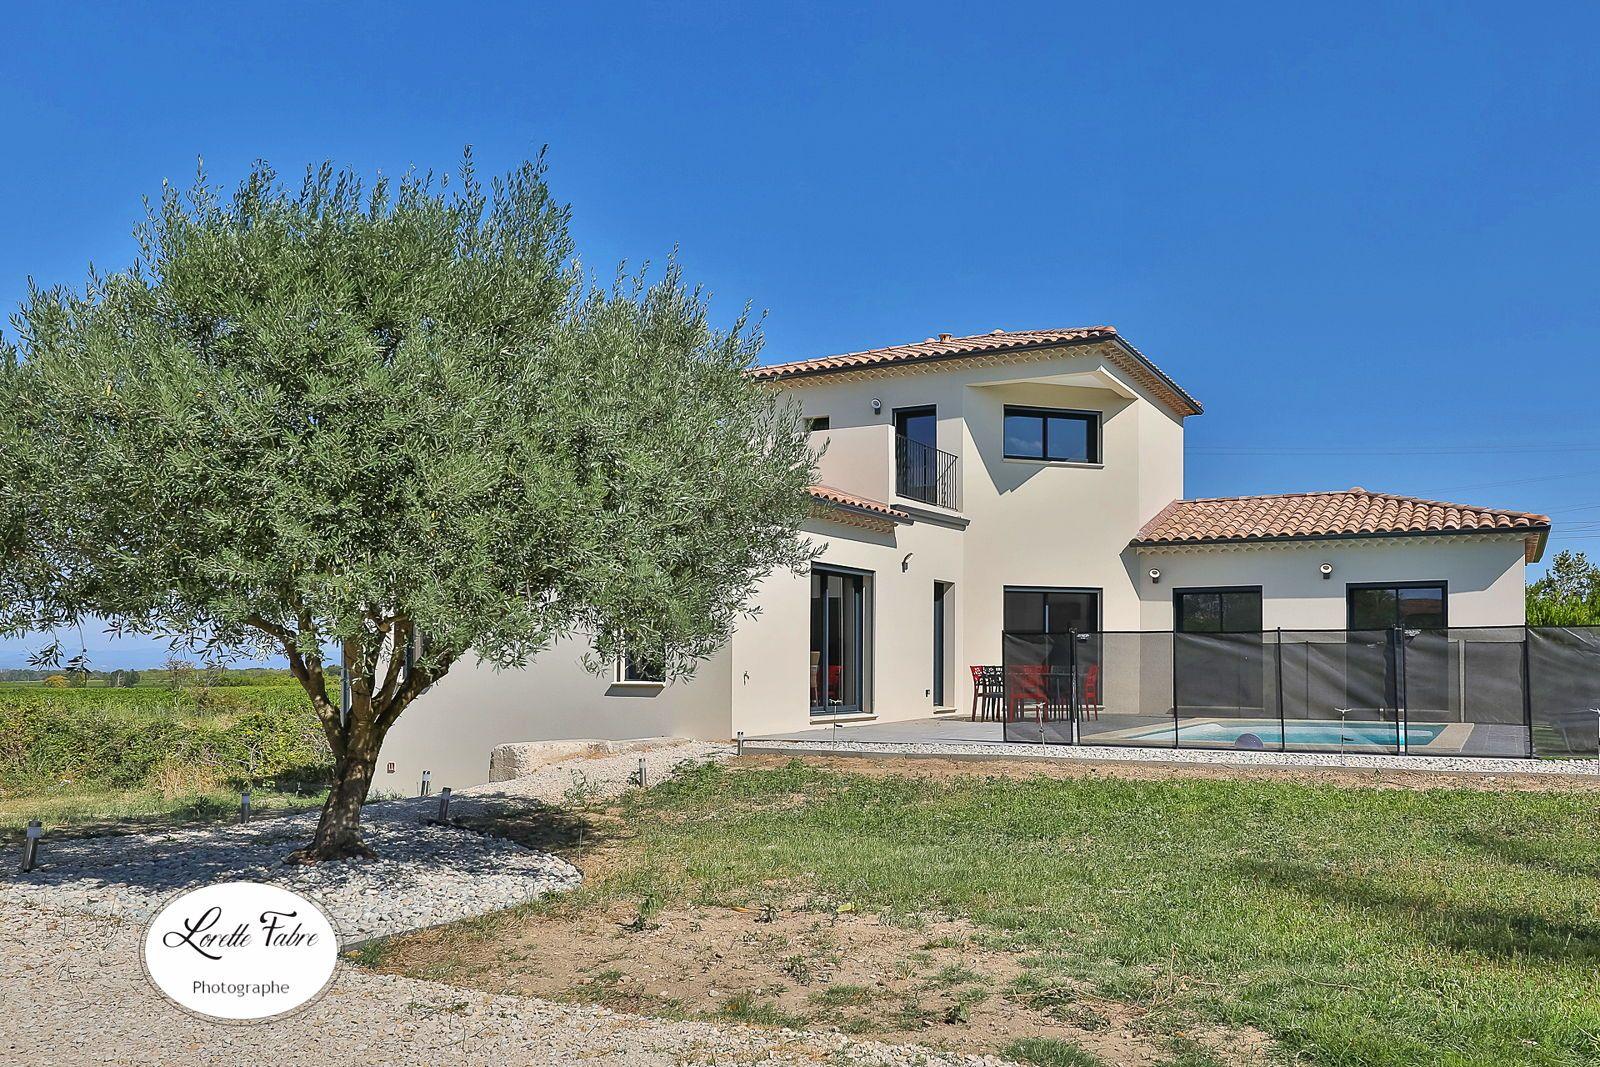 Loue villa De Vacances à Saint-Paul-les-Fonts dans le Gard 8couchages